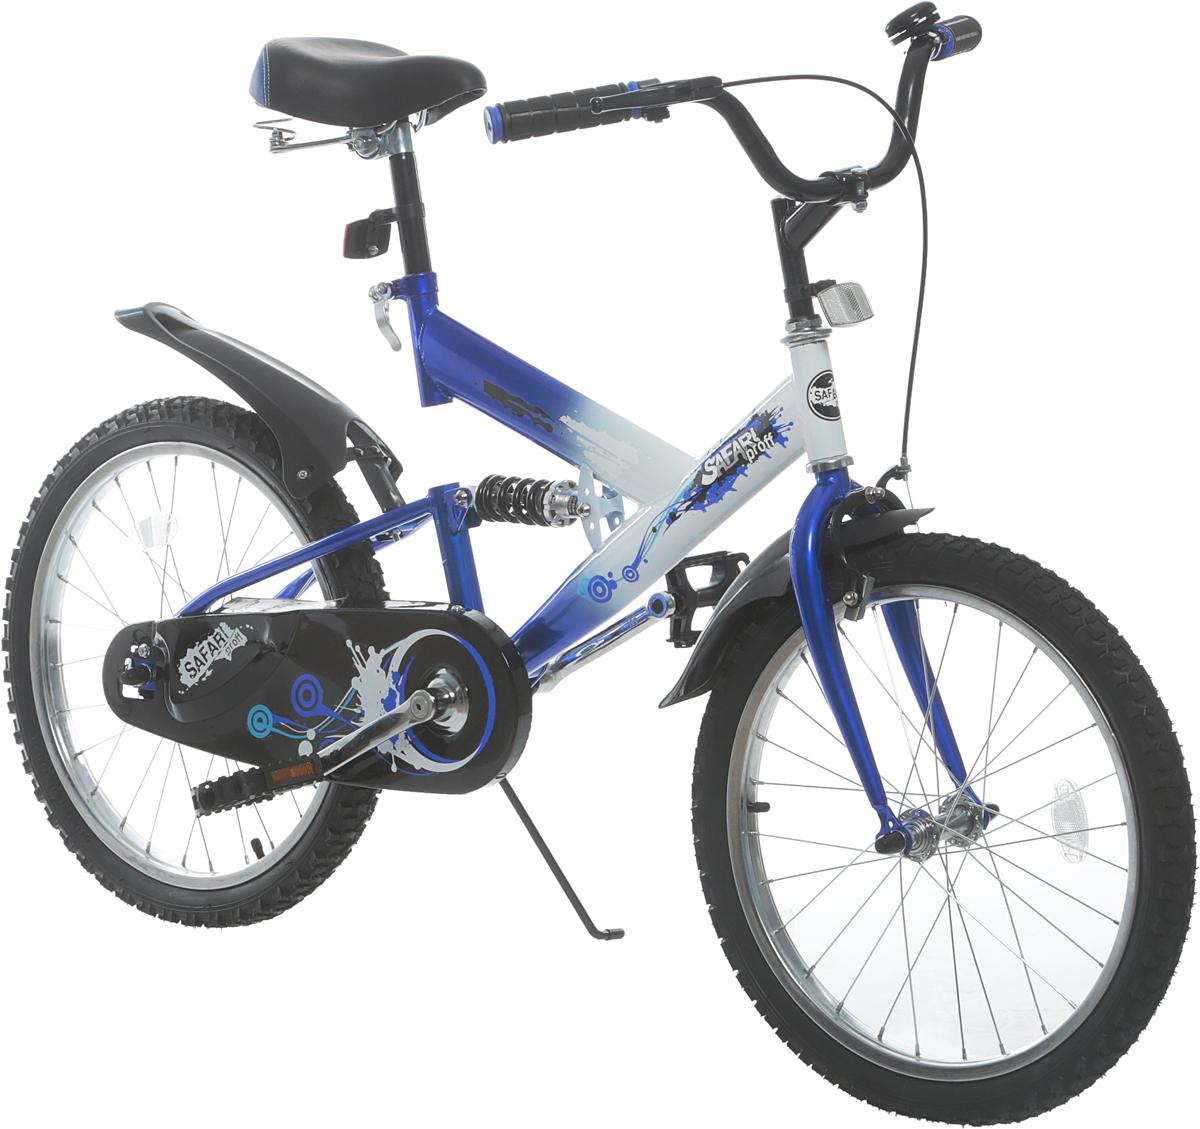 Велосипед детский Safari Proff. Стихии, двухколесный, колесо 201113007Каждый ребенок по различным возрастным рамкам имеет свои пожелания. Что касается подростков, то зачастую их заветной мечтой является велосипед. Одной из прекраснейших универсальных моделей является велосипед 20 Safari proff Стихии двухколесный, выполненный из достаточно прочного материала, имеющий широкую стальную раму.